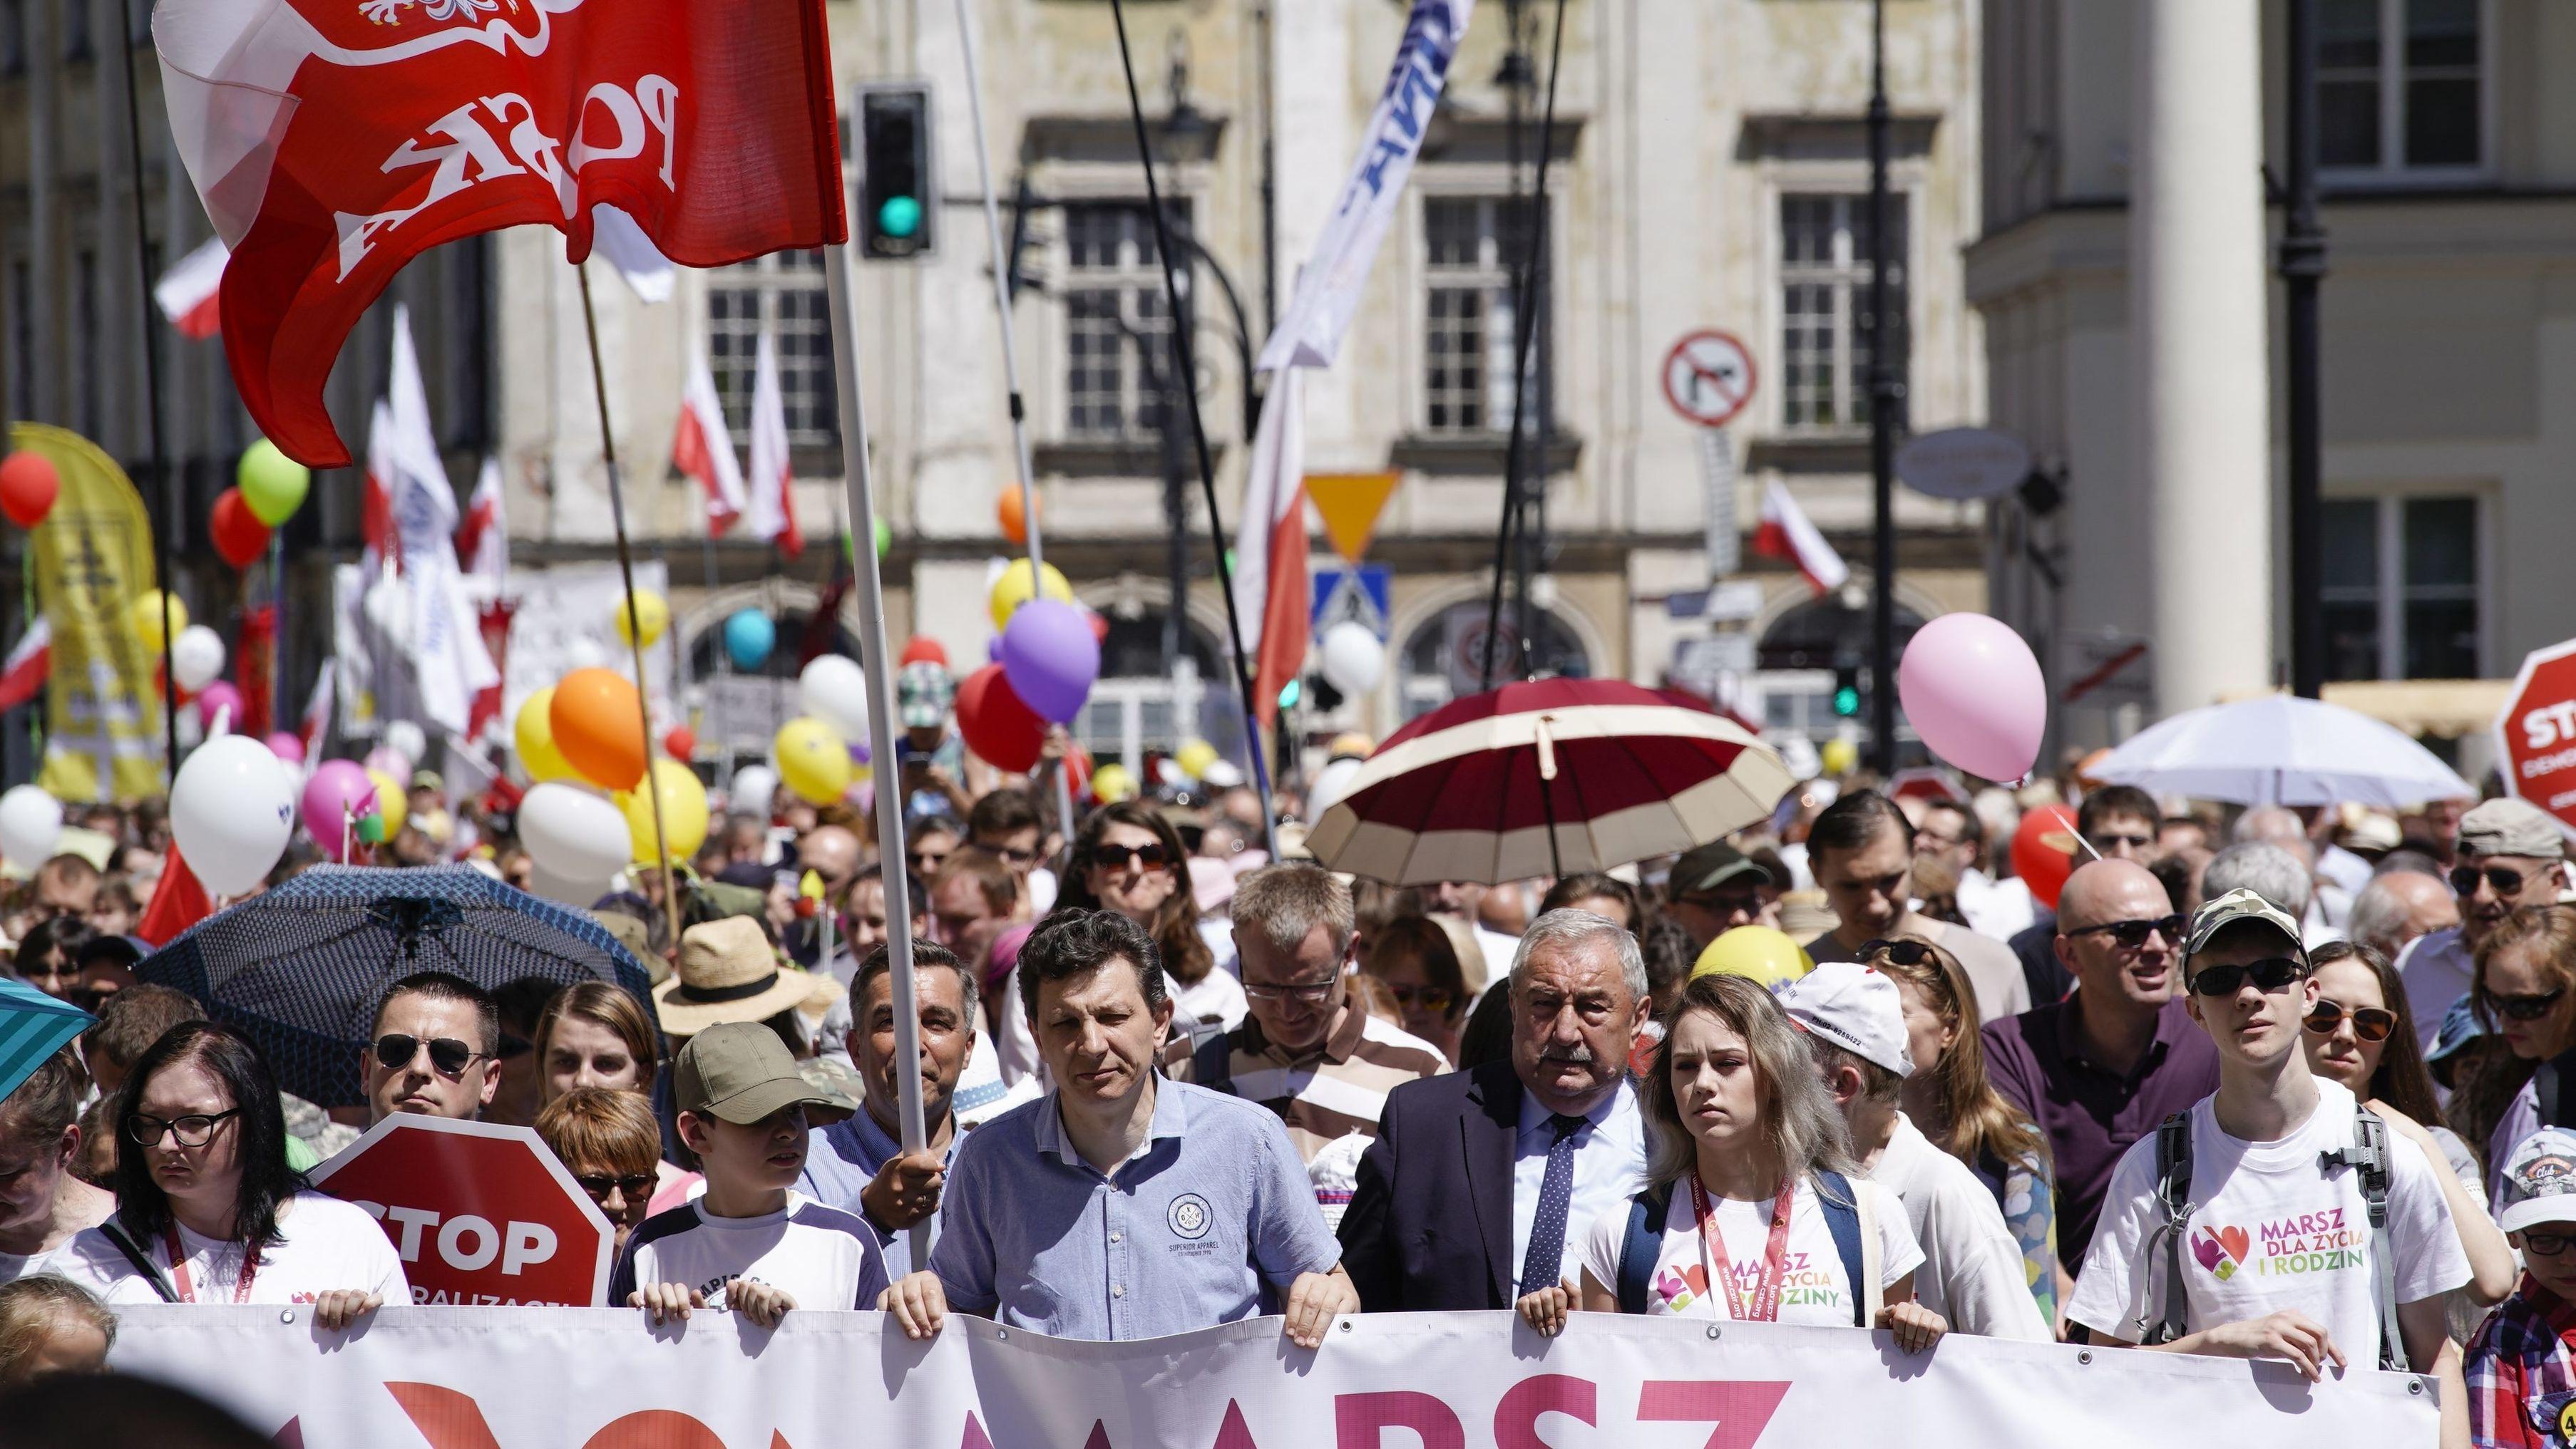 """Mehrere Tausend Menschen beim """"Marsch für Leben und Familie"""", einer Gegendemo zur Gay Pride Parade in Warschau."""